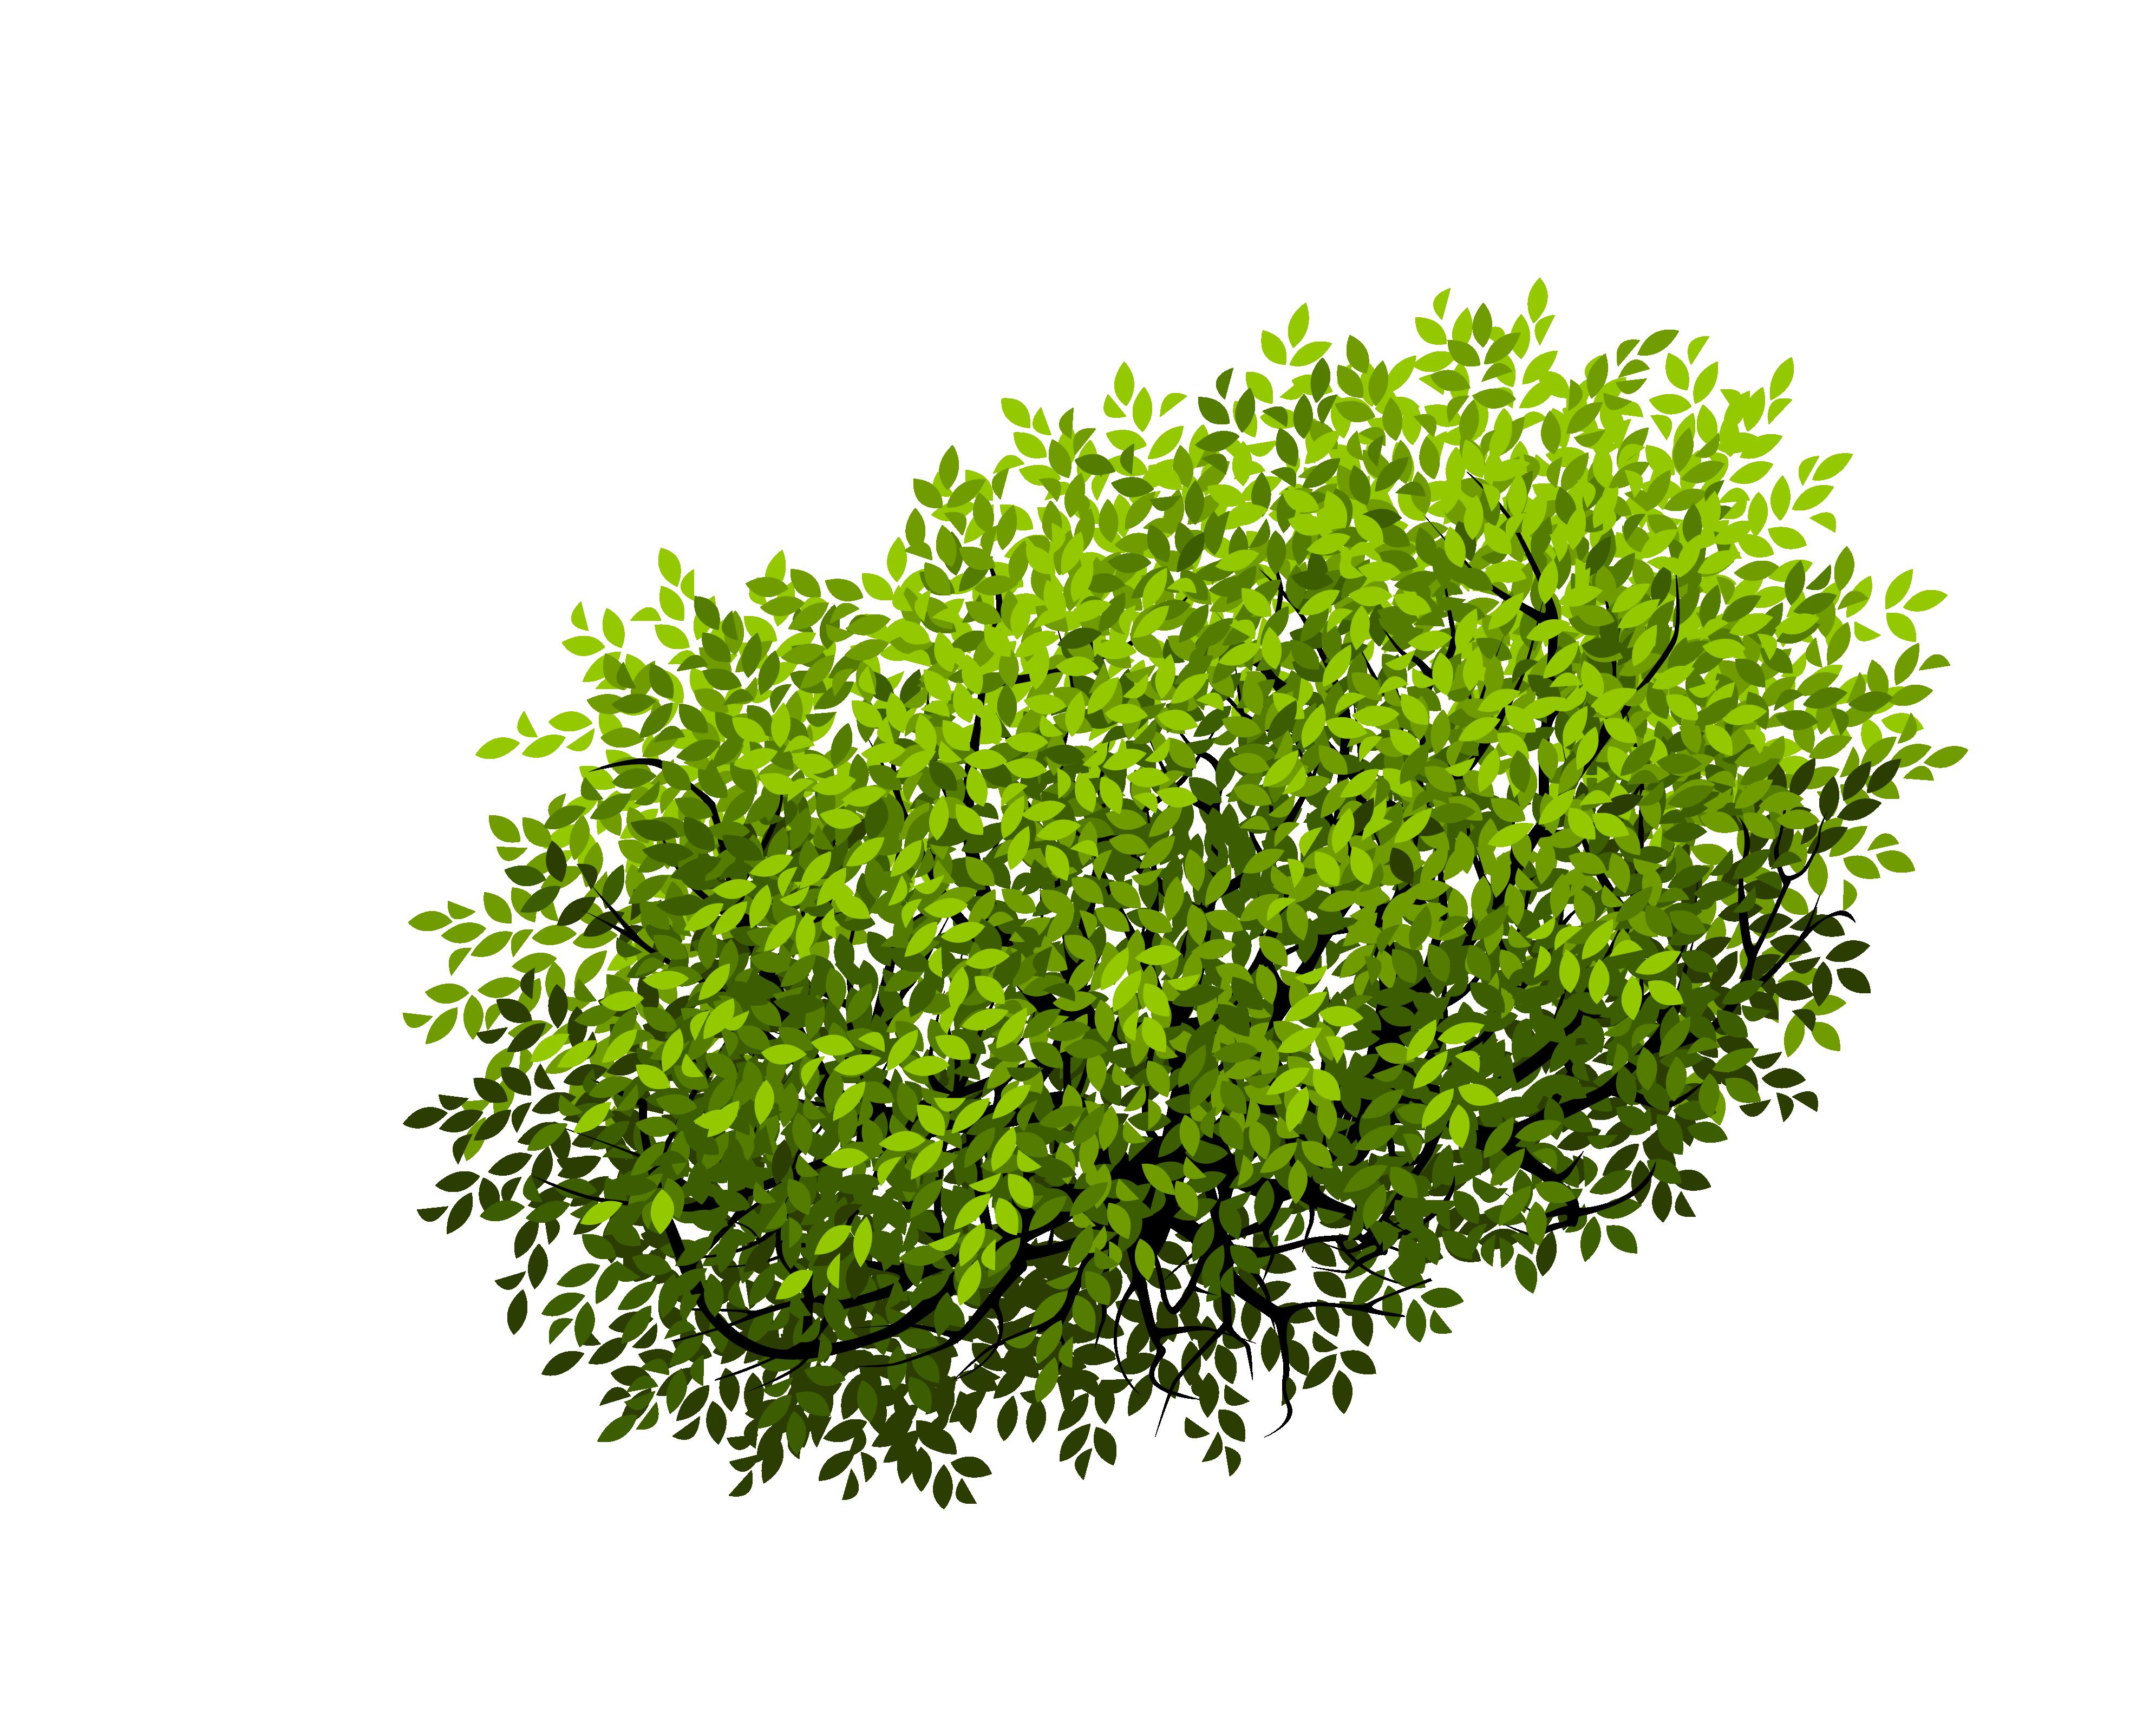 Bush clipart vector. Euclidean shrub tree png